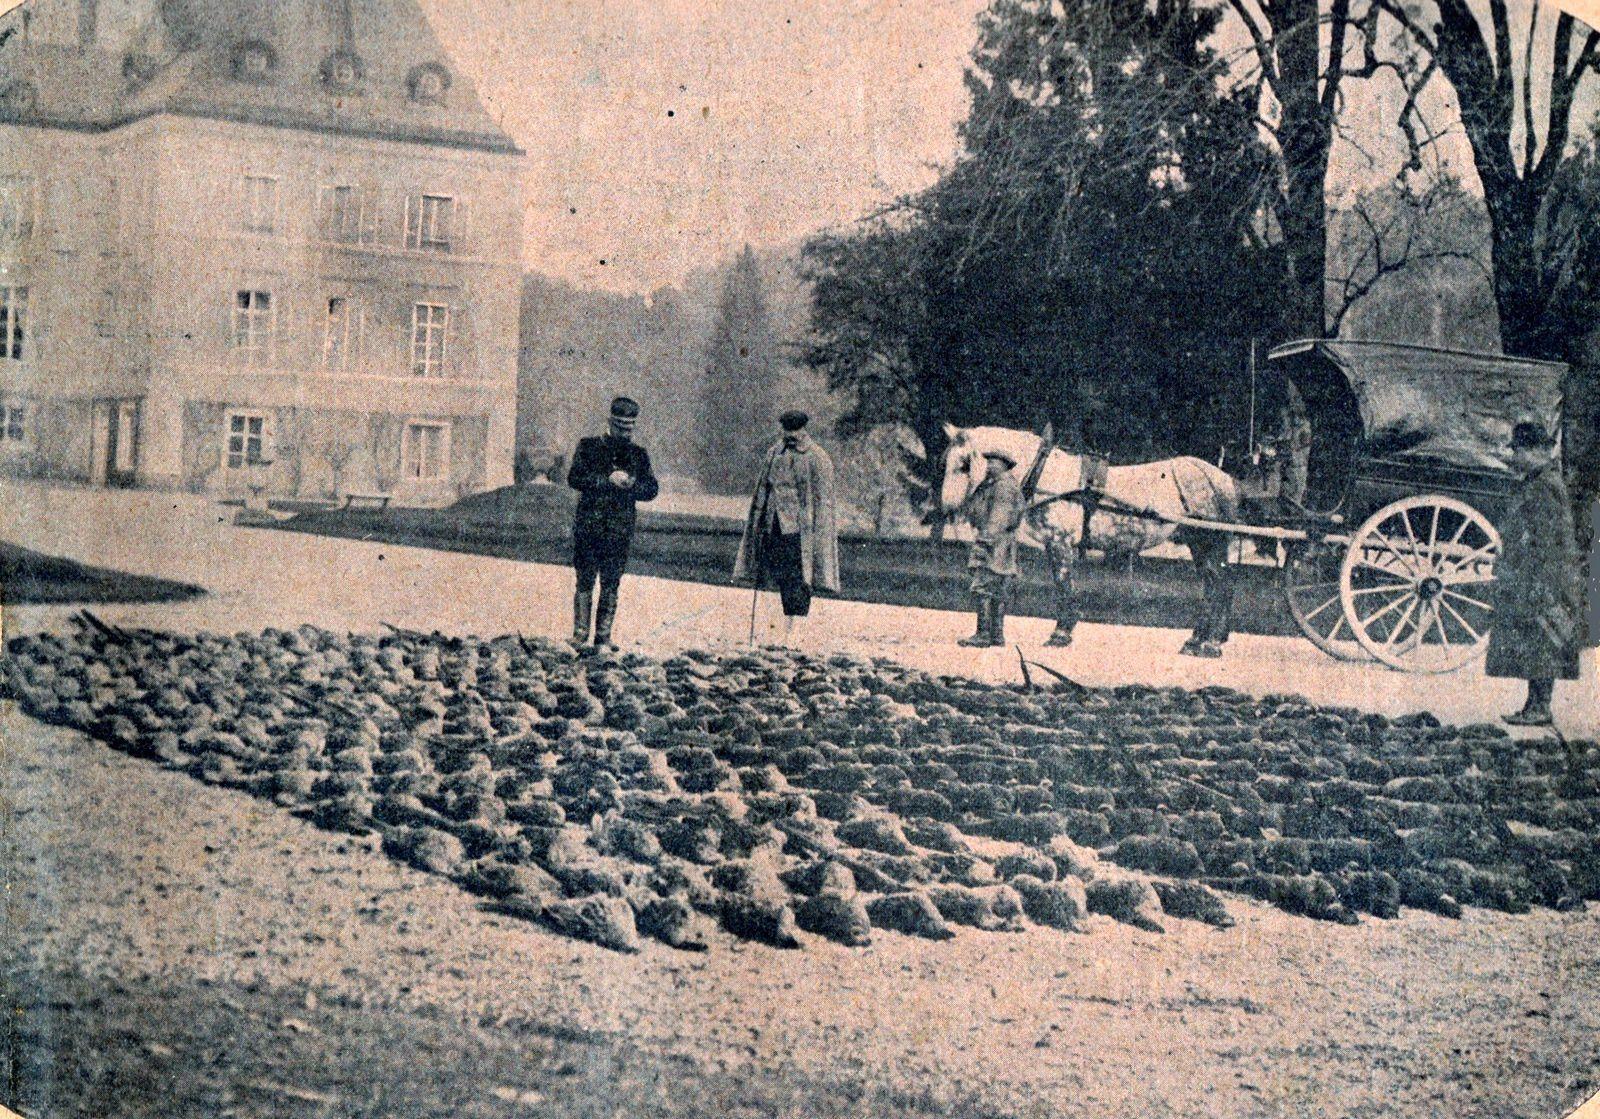 Tableau de chasse au château de Voisins (Yvelines) : 500 faisans tués en une après-midi chez le comte Frisch de Fels. Au second plan, une charrette à gibier. (La vie au grand air, 8 décembre 1901).